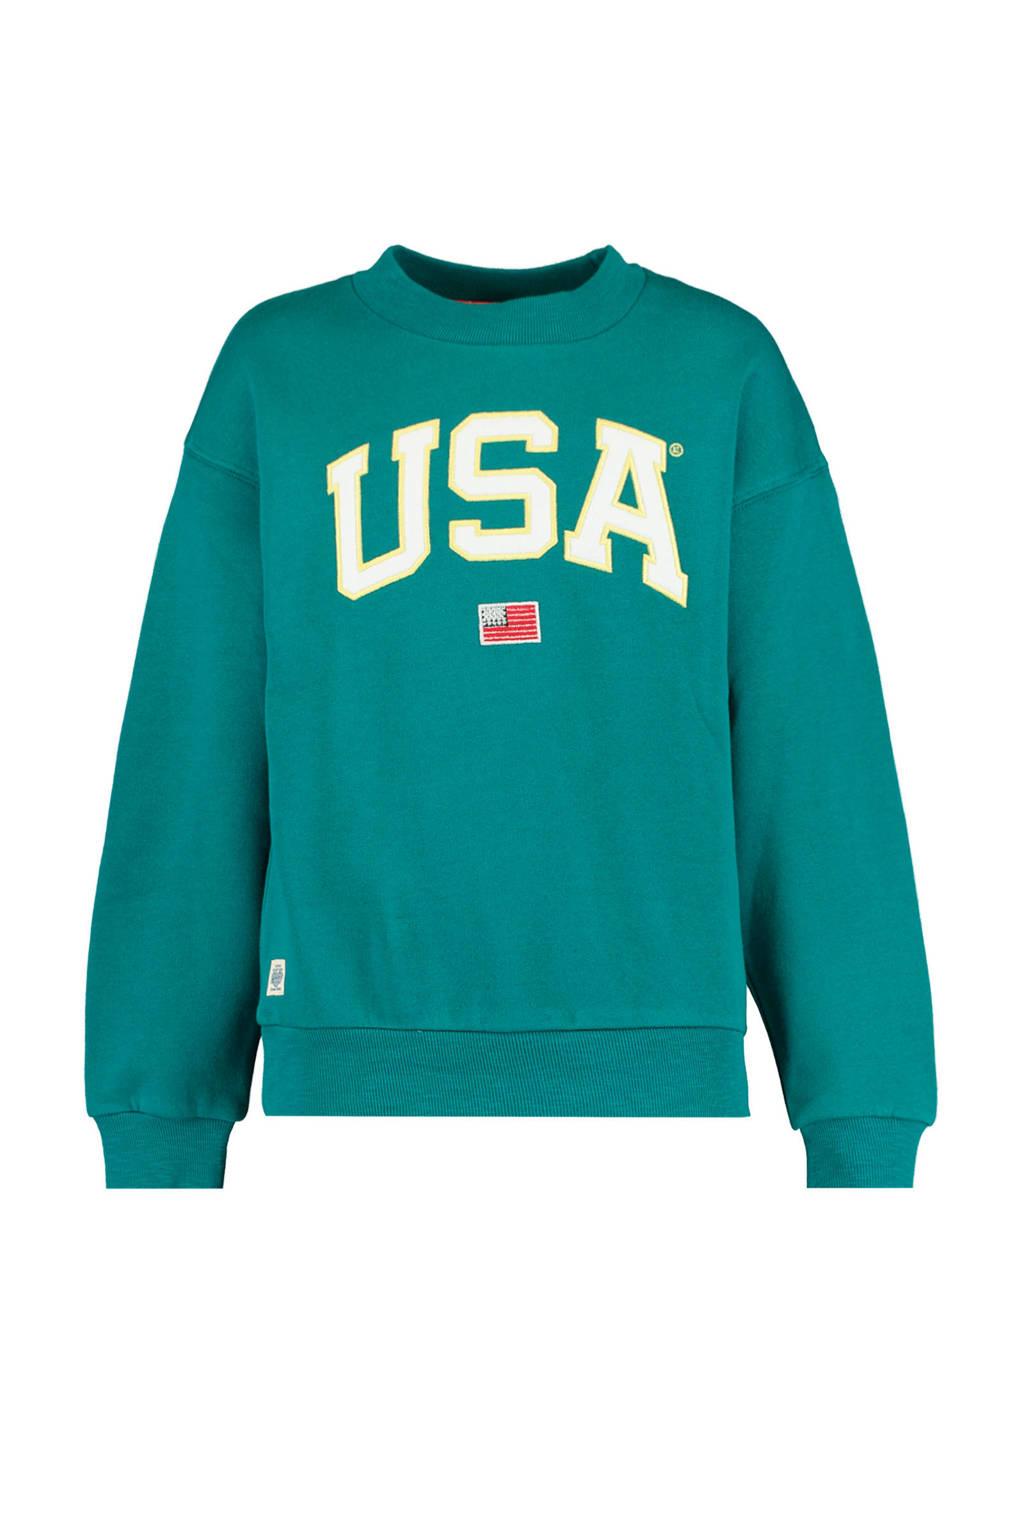 America Today Junior sweater met tekst zeegroen/ecru, Zeegroen/ecru